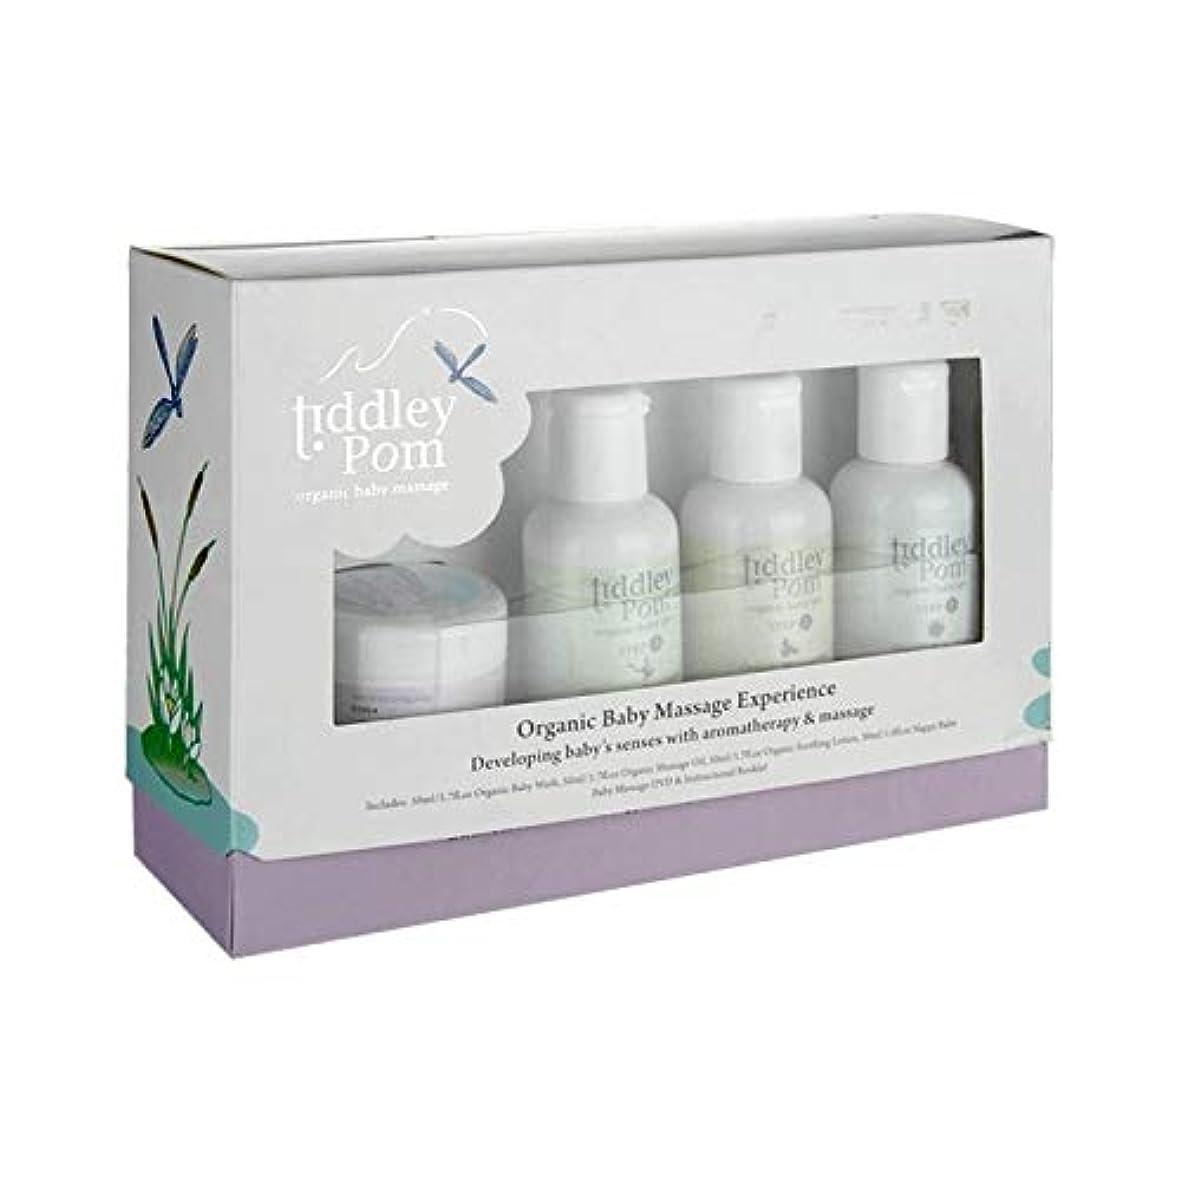 発疹環境保護主義者モロニック[Tiddley Pom] Tiddleyポンポン有機ベビーマッサージのギフトセット - Tiddley Pom Organic Baby Massage Gift set [並行輸入品]